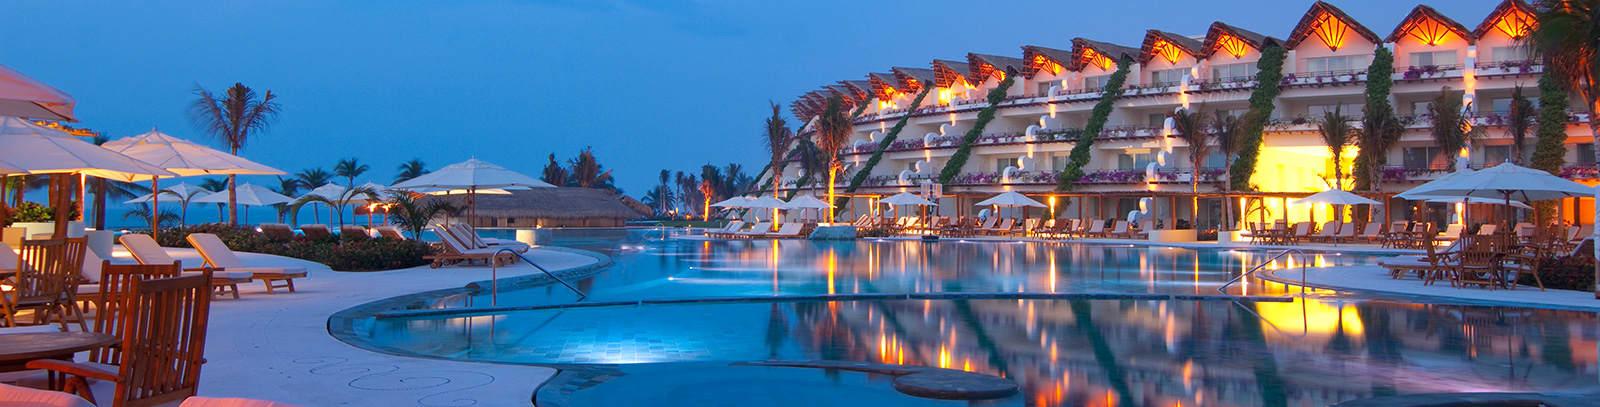 Ubicación de Grand Velas Riviera Maya, México